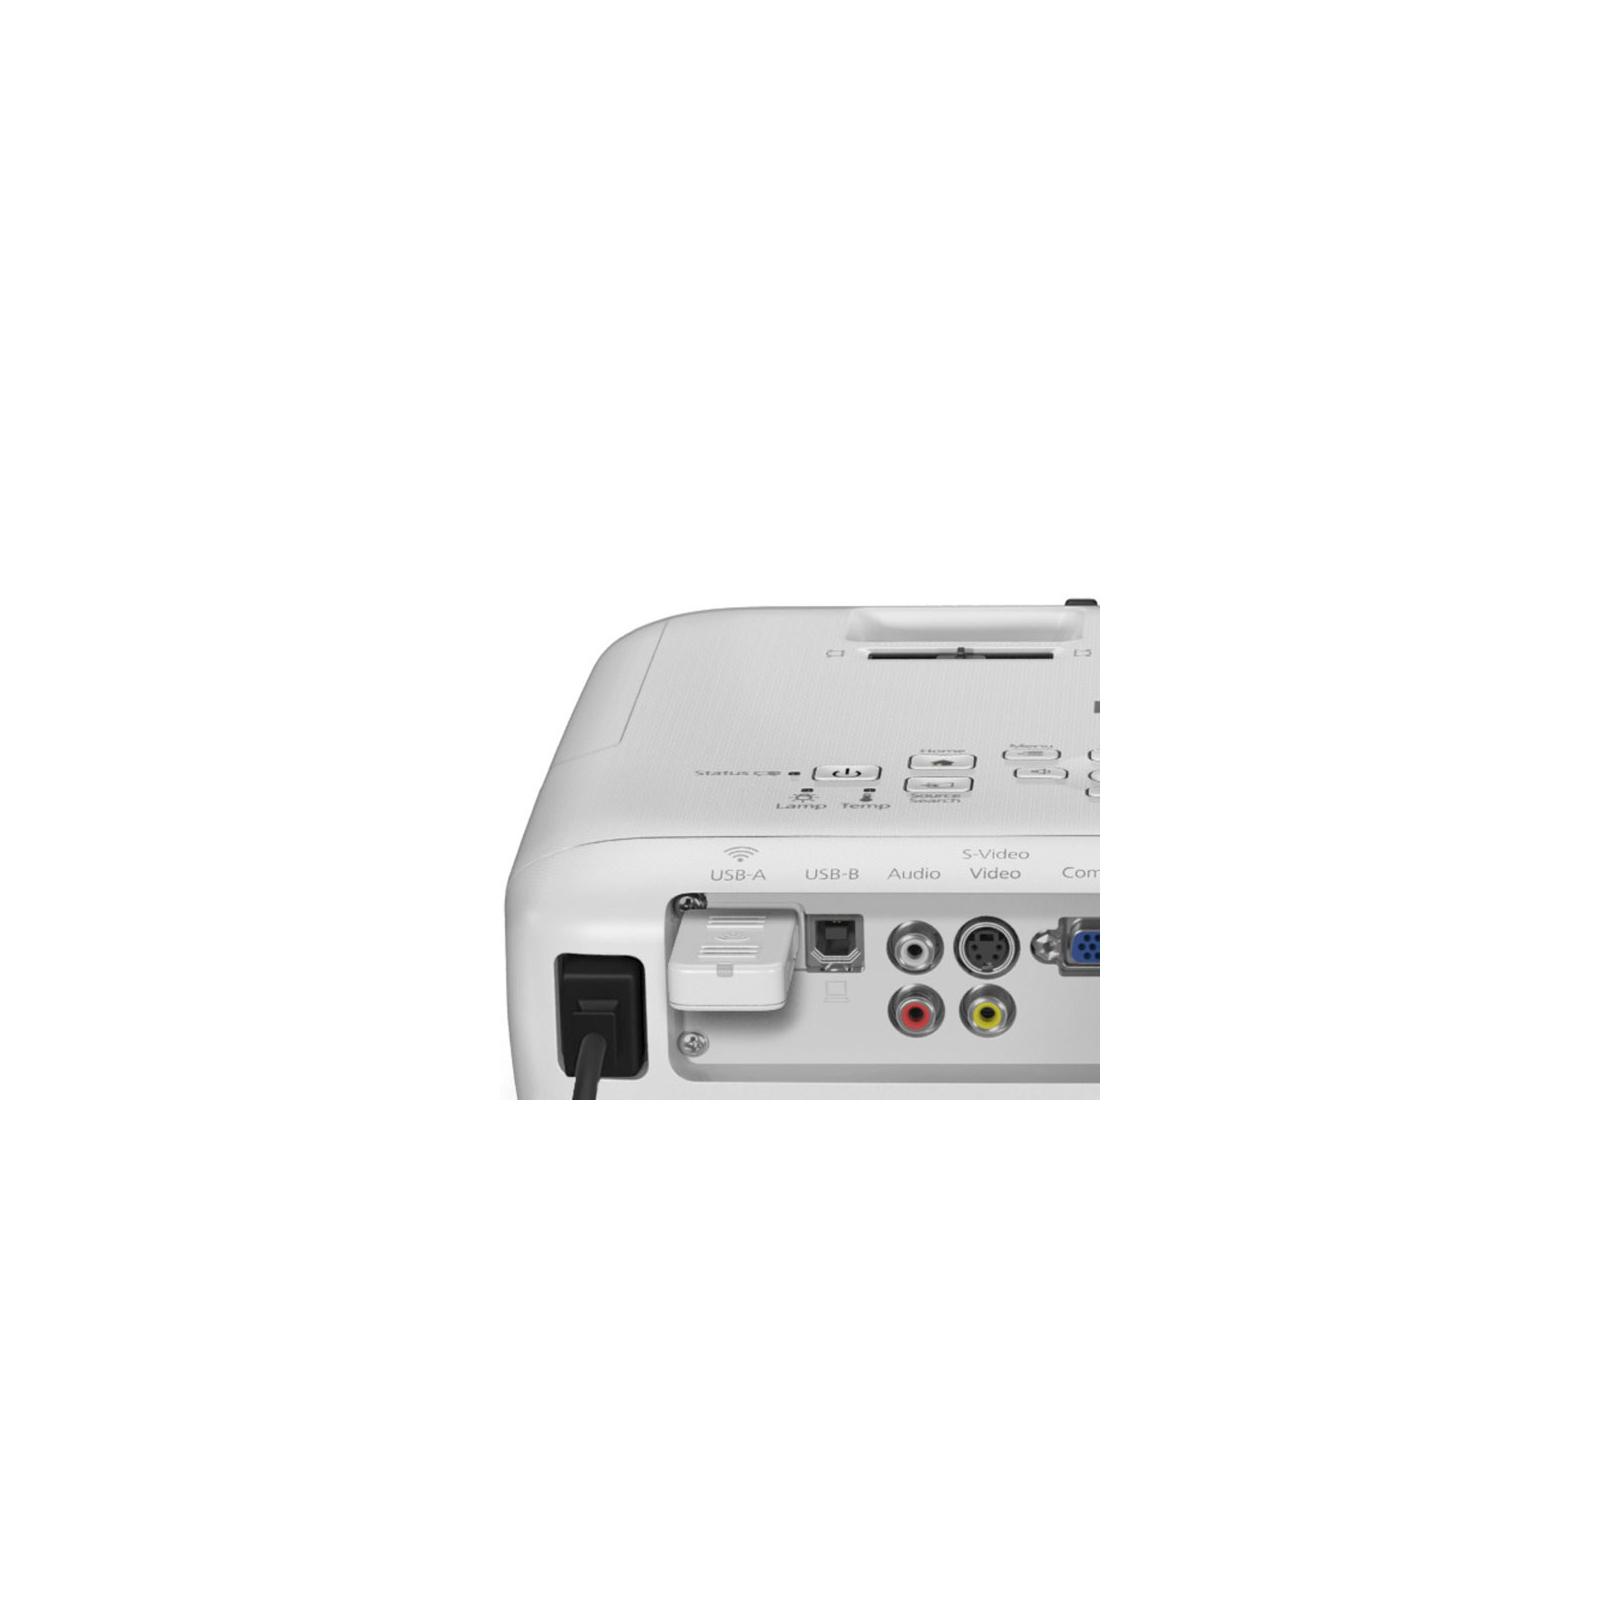 Беспроводной адаптер Epson ELPAP10 (V12H731P01) изображение 3